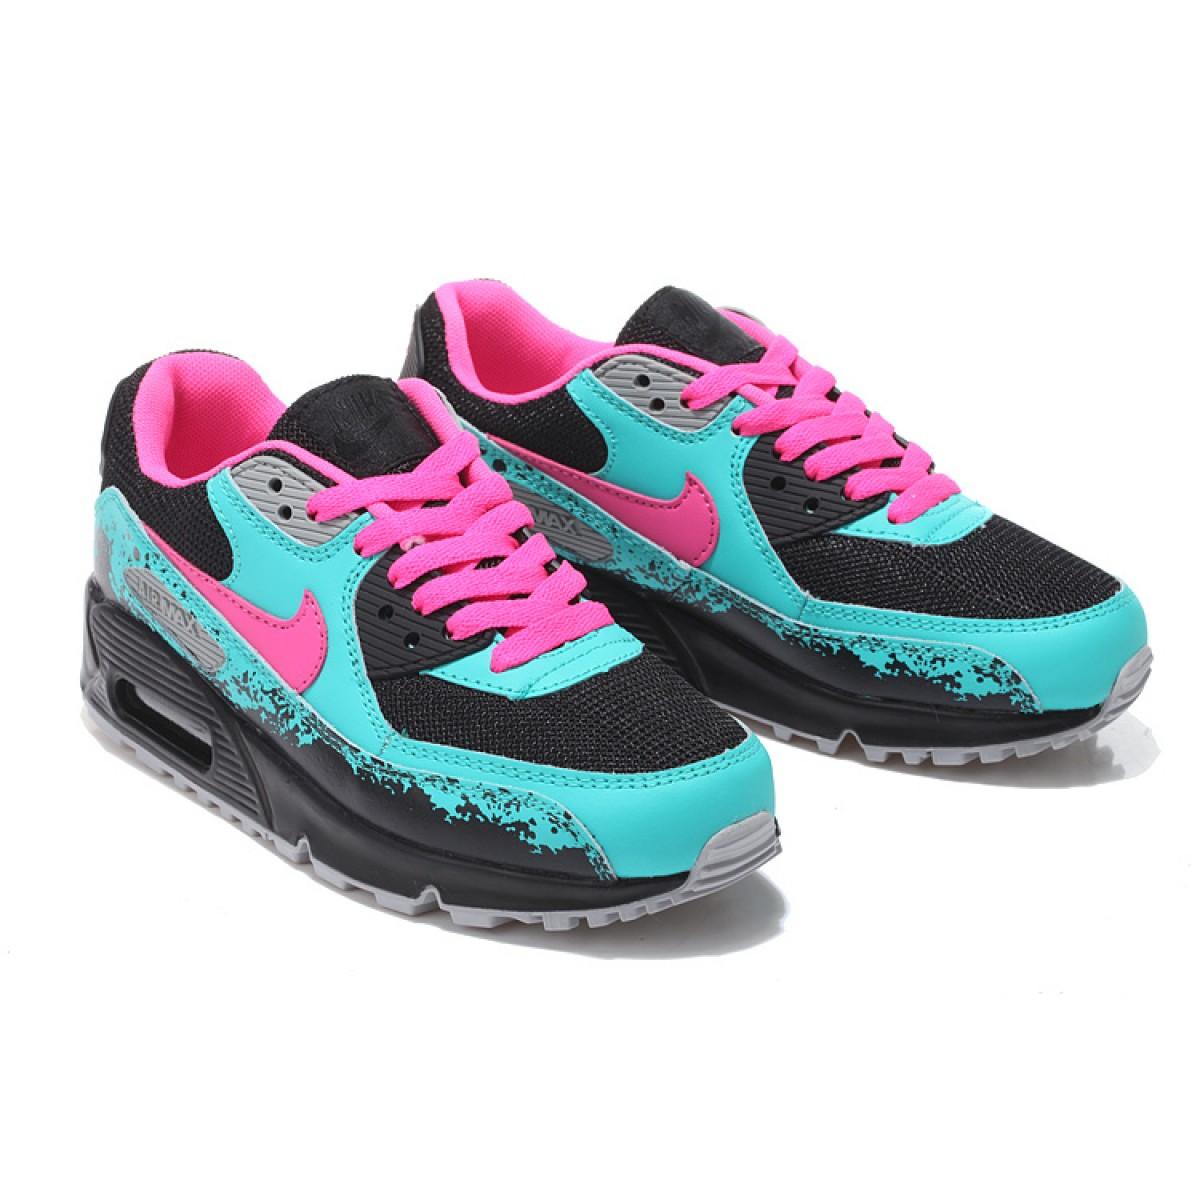 online retailer 0bde5 01681 Achat   Vente produits Nike Air Max 90 Femme,Nike Air Max 90 Femme Pas